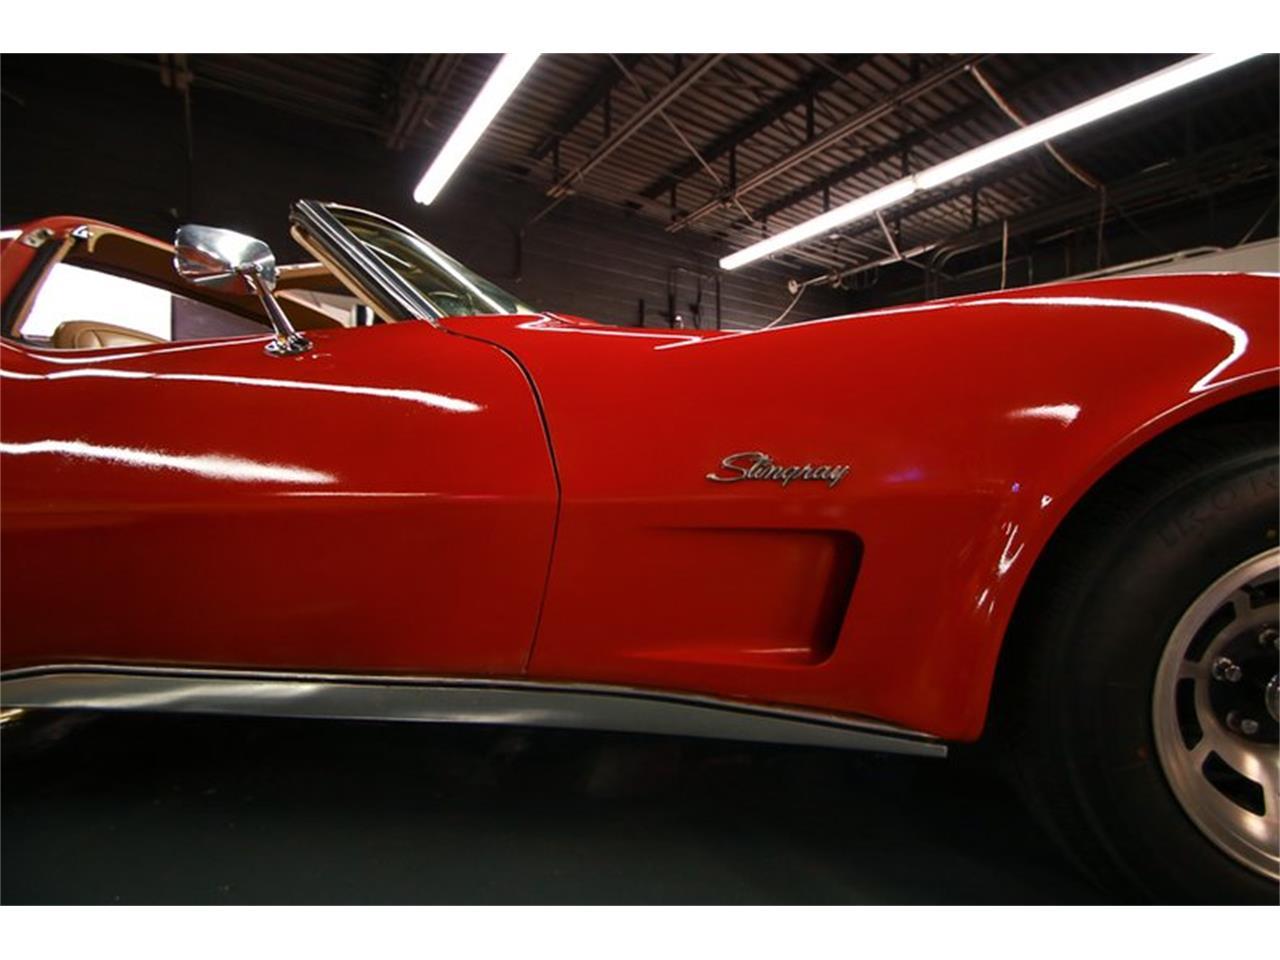 Large Picture of '76 Chevrolet Corvette located in Cincinnati Ohio - QHTE